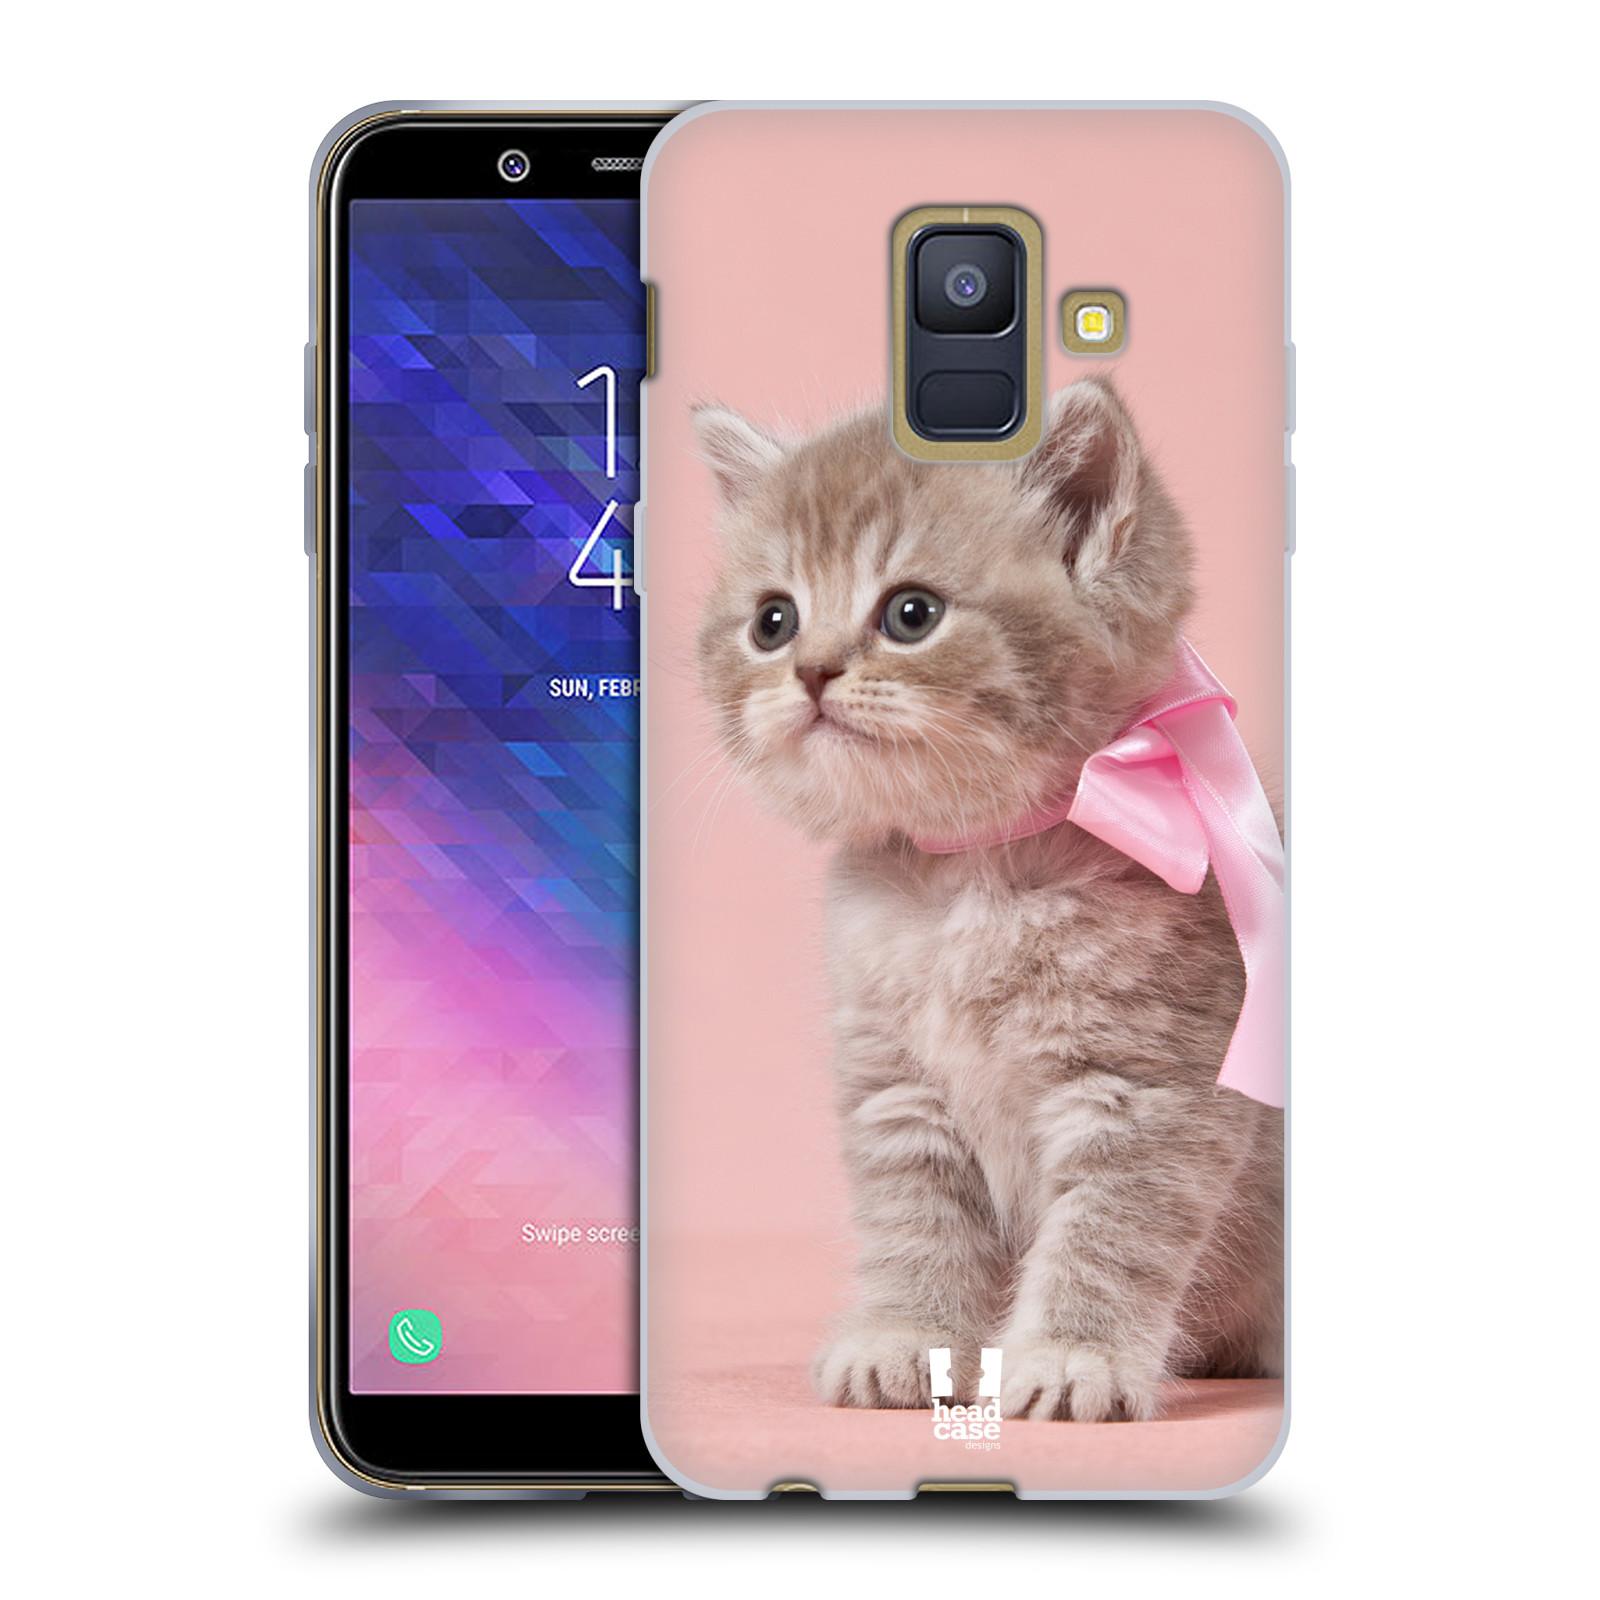 Silikonové pouzdro na mobil Samsung Galaxy A6 (2018) - Head Case - KOTĚ S MAŠLÍ